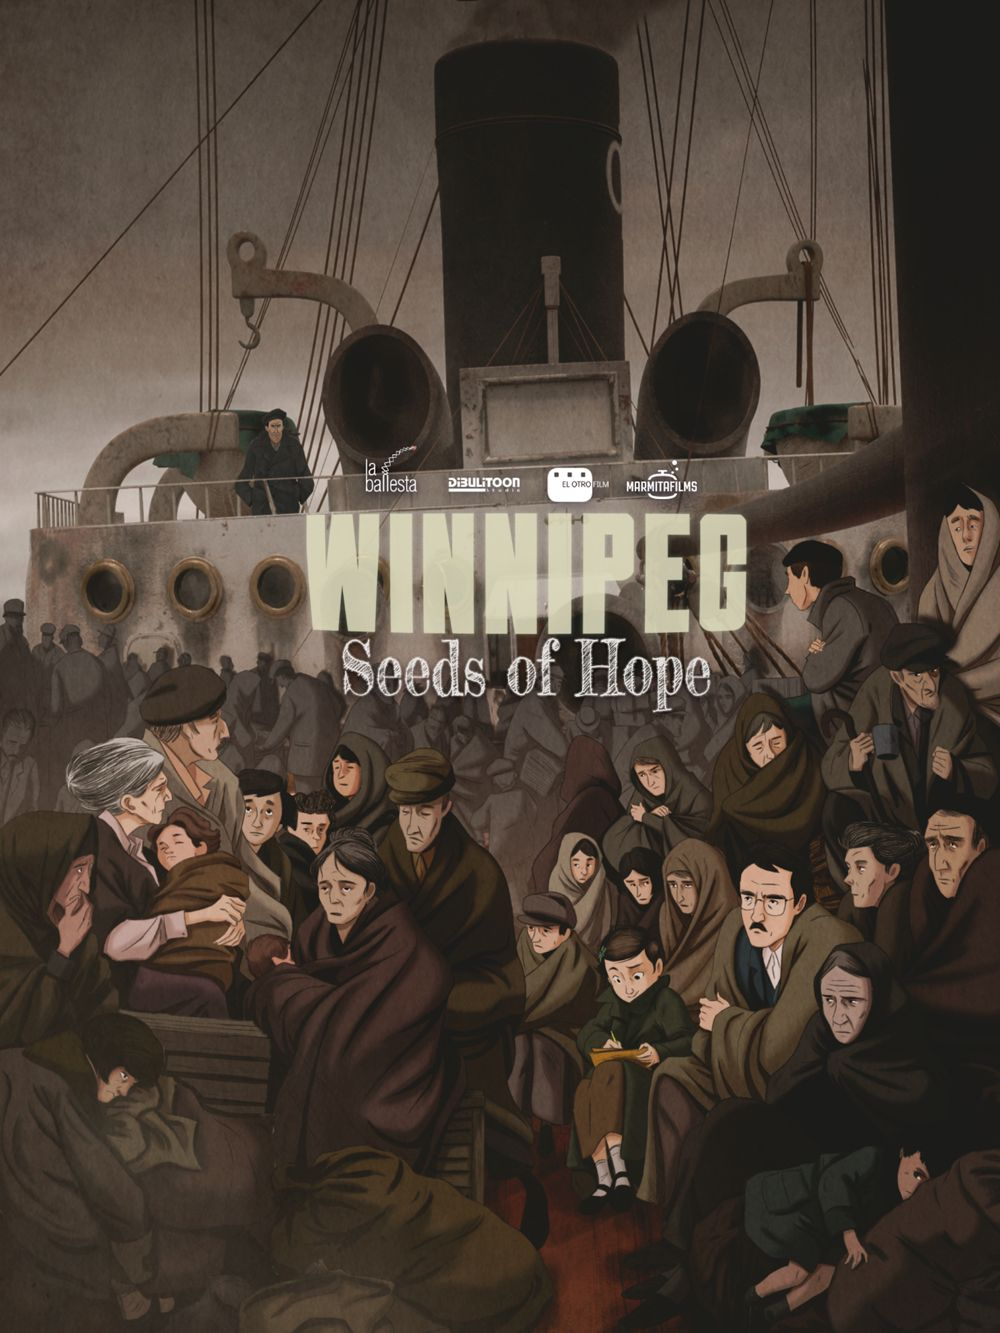 Winnipeg, Seeds of Hope